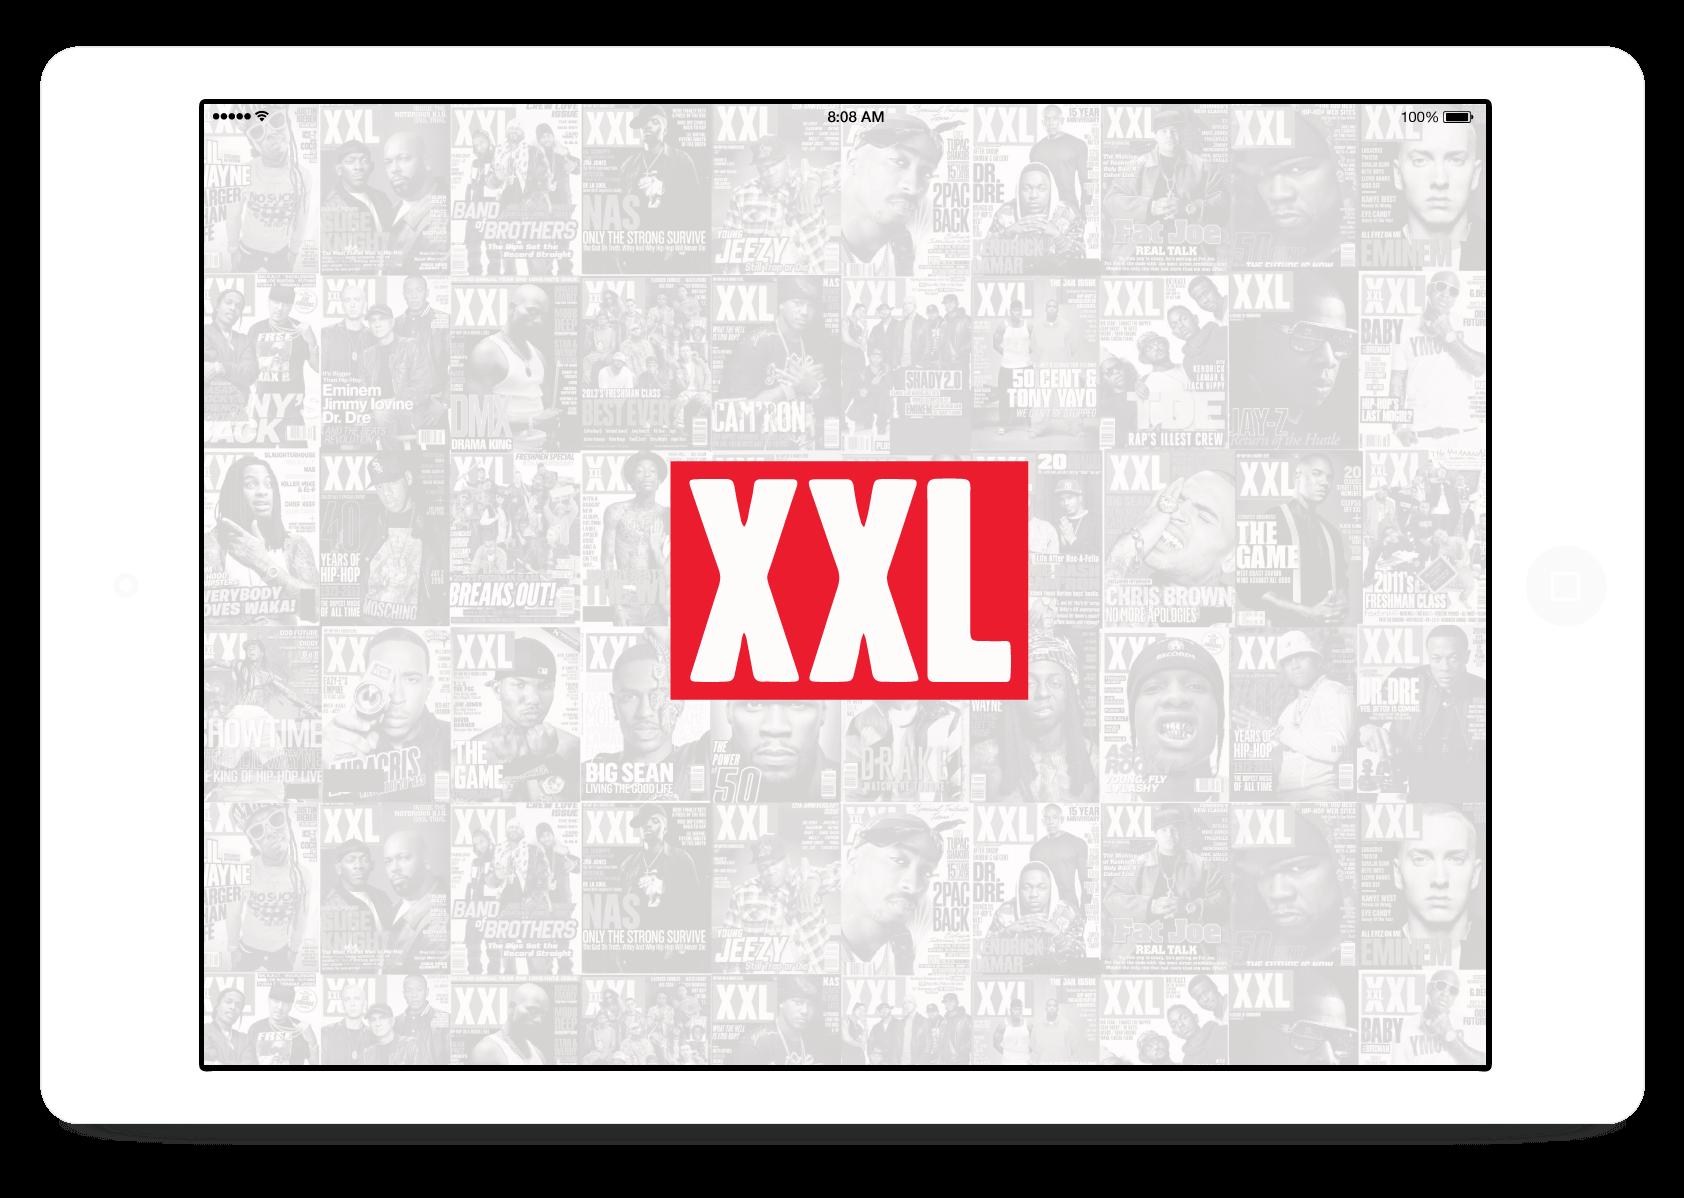 XXL Magazine UI